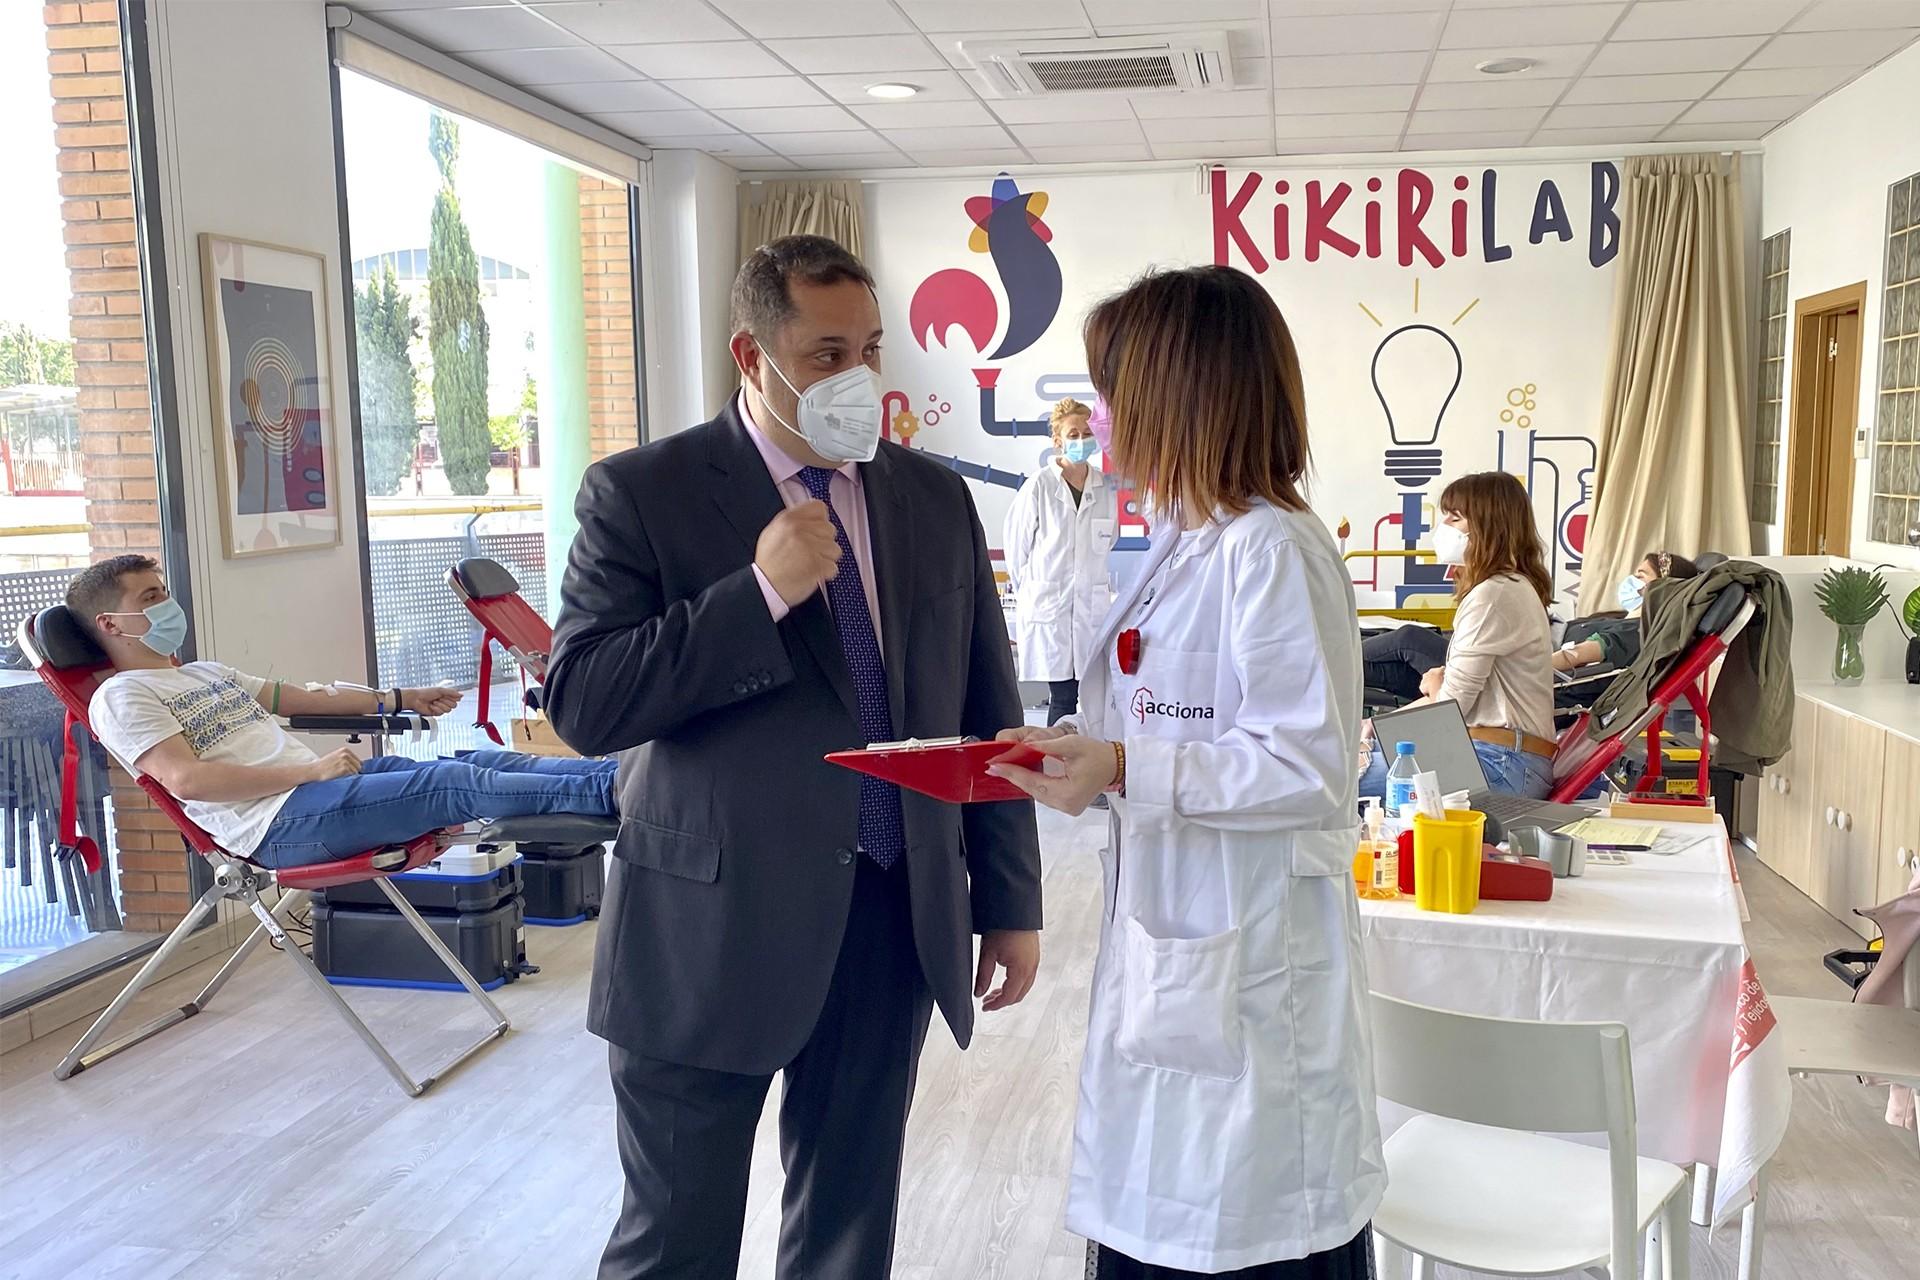 Los Porches del Audiorama da otro paso en su compromiso social y organiza una donación de sangre en sus instalaciones